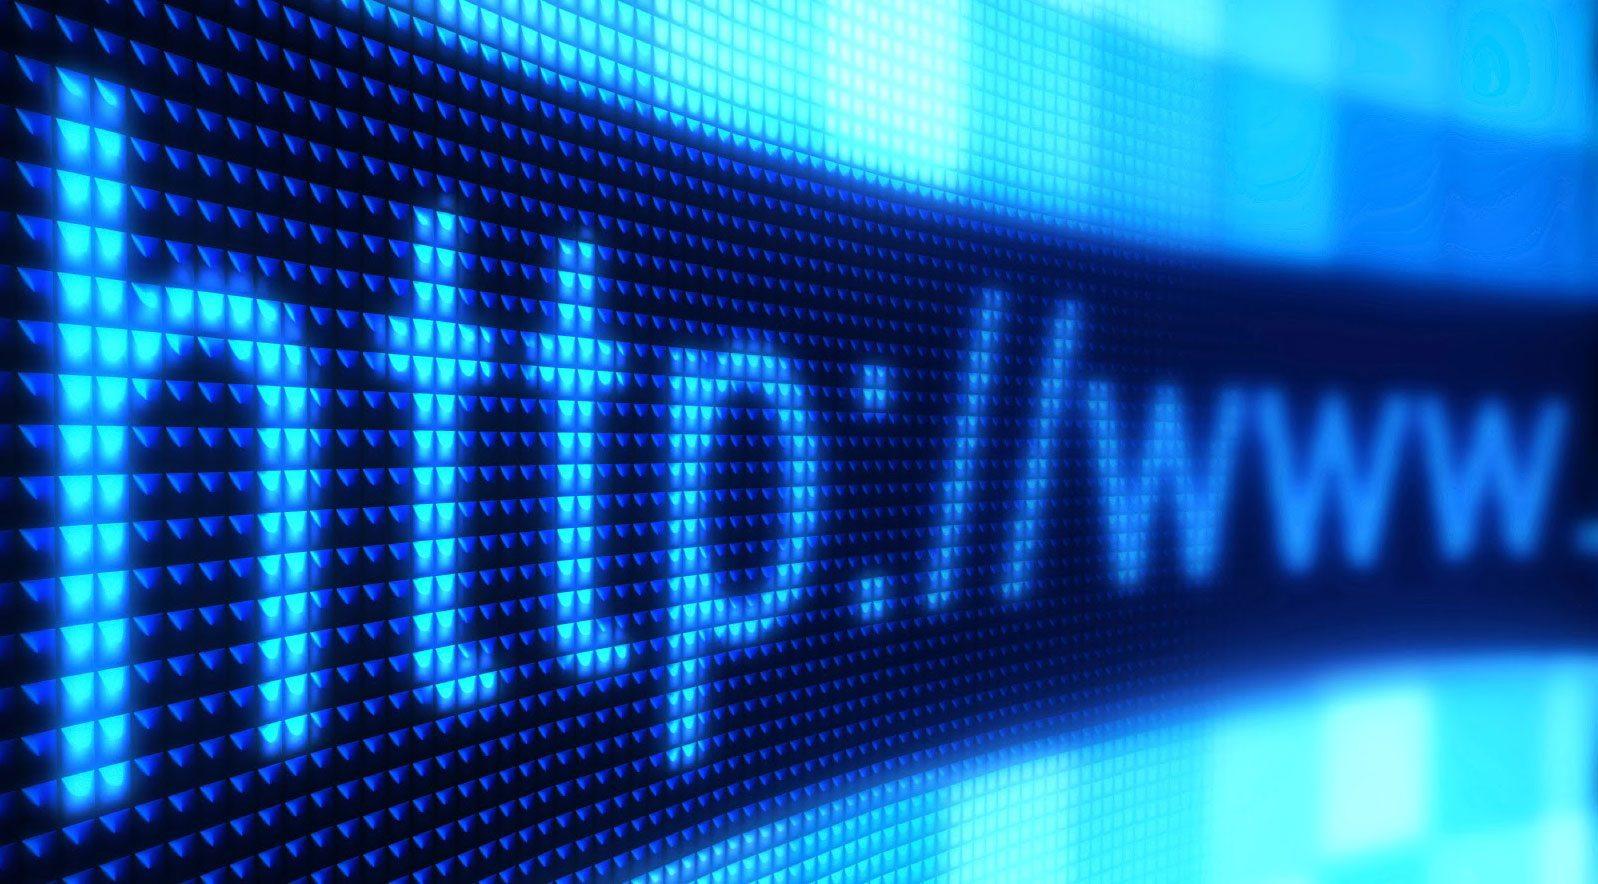 9 миллионов доменных имен — это лишь цифры без букв - 1